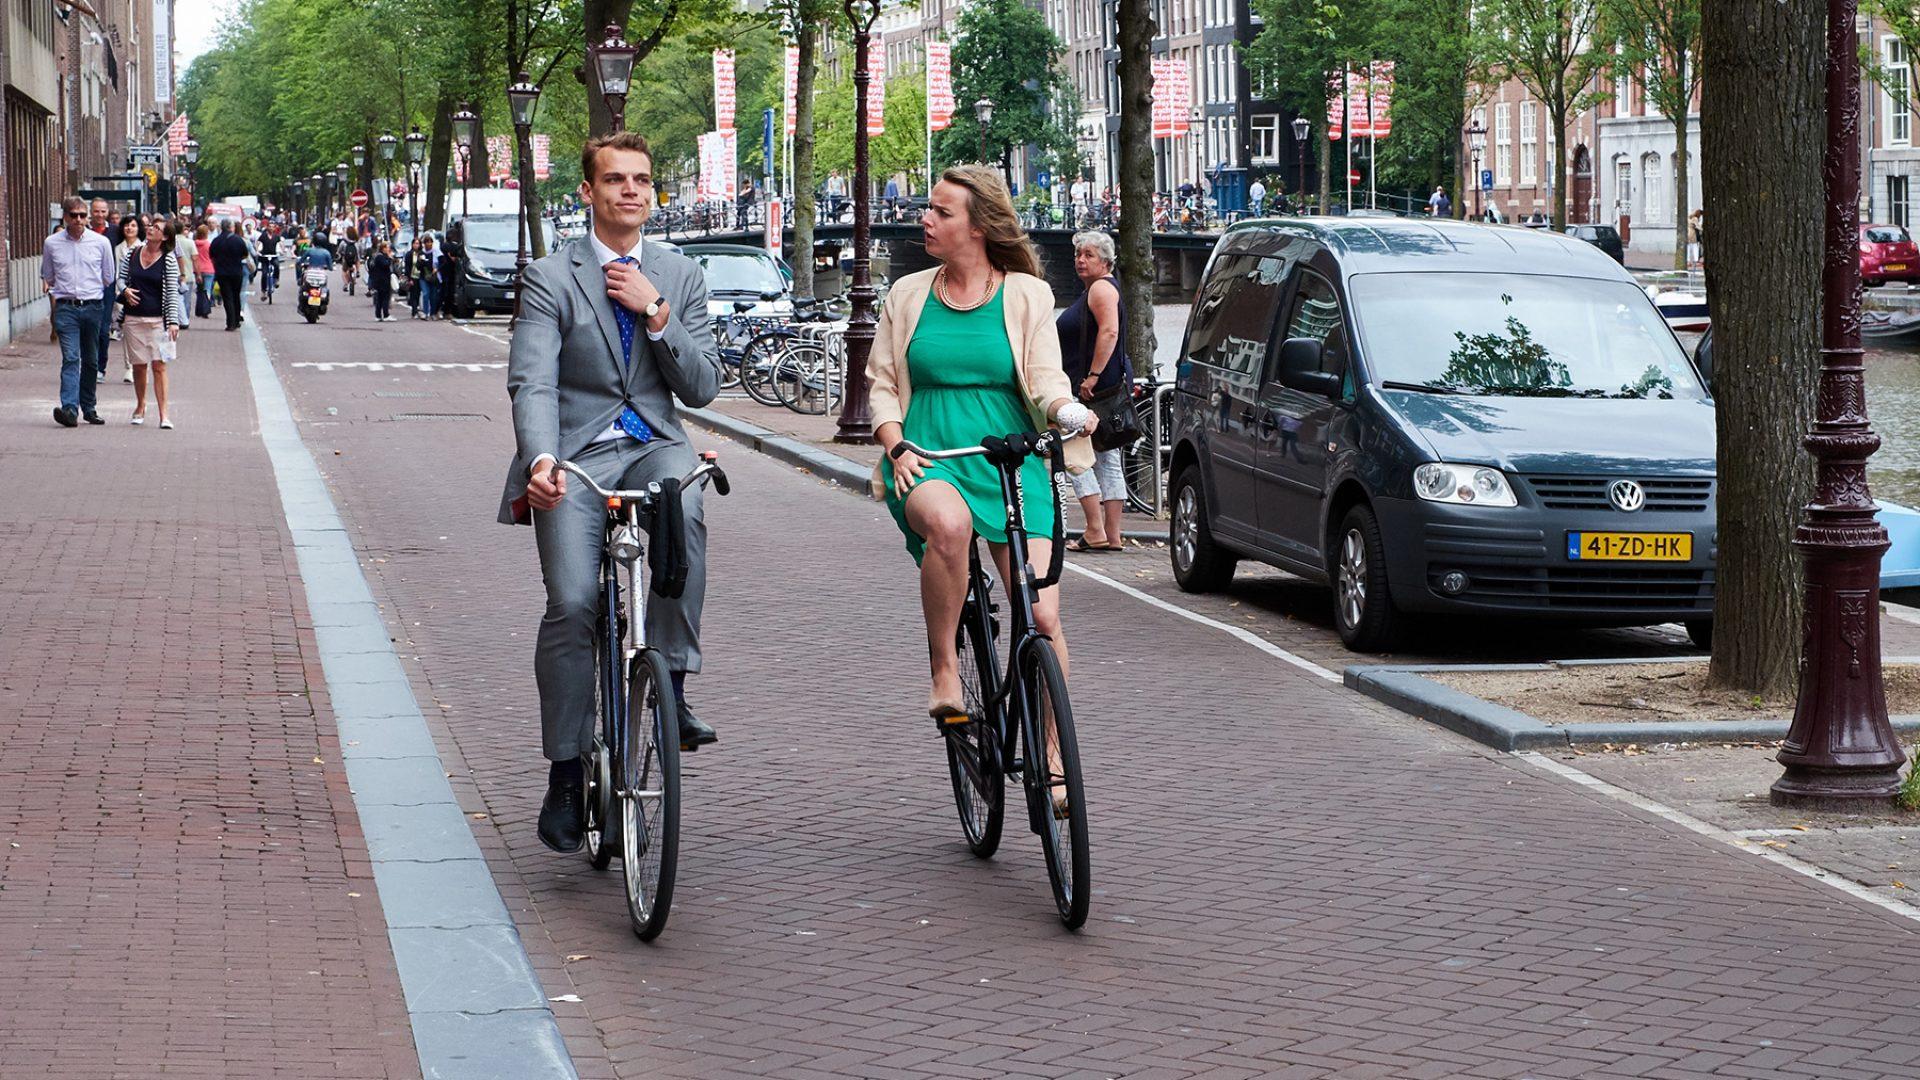 Dutch labor law